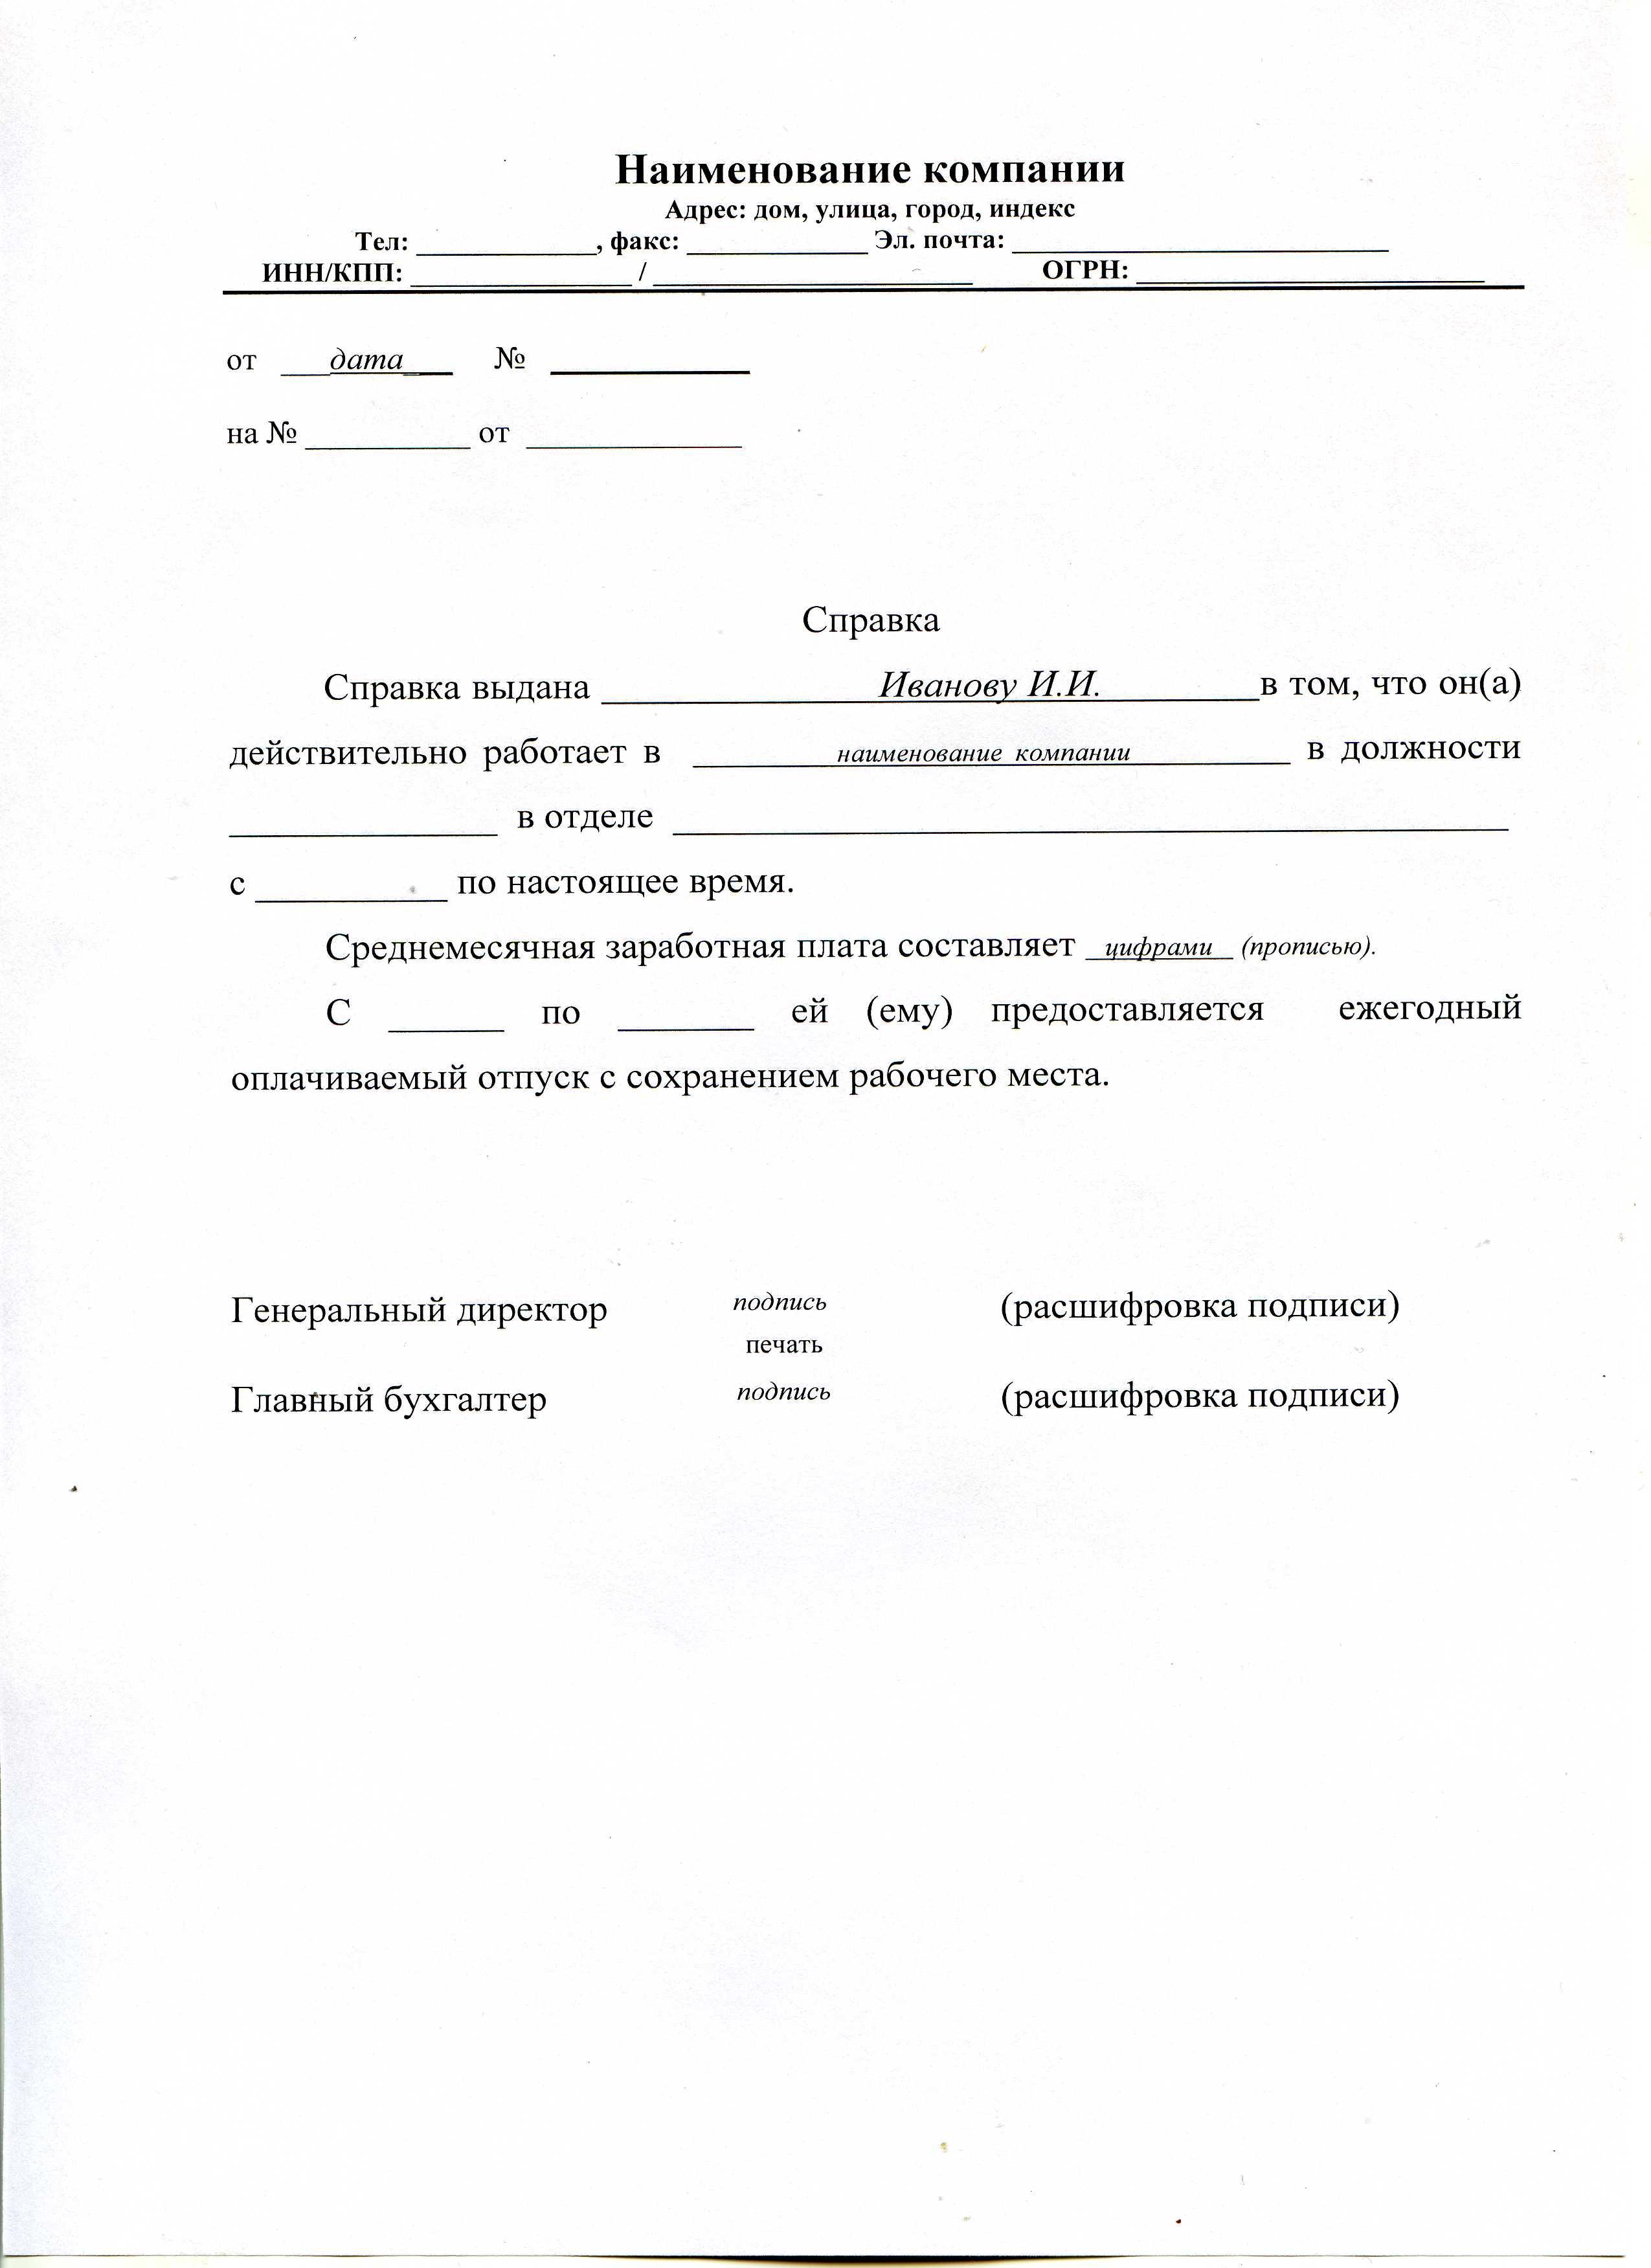 бланк гражданско правового договора образец